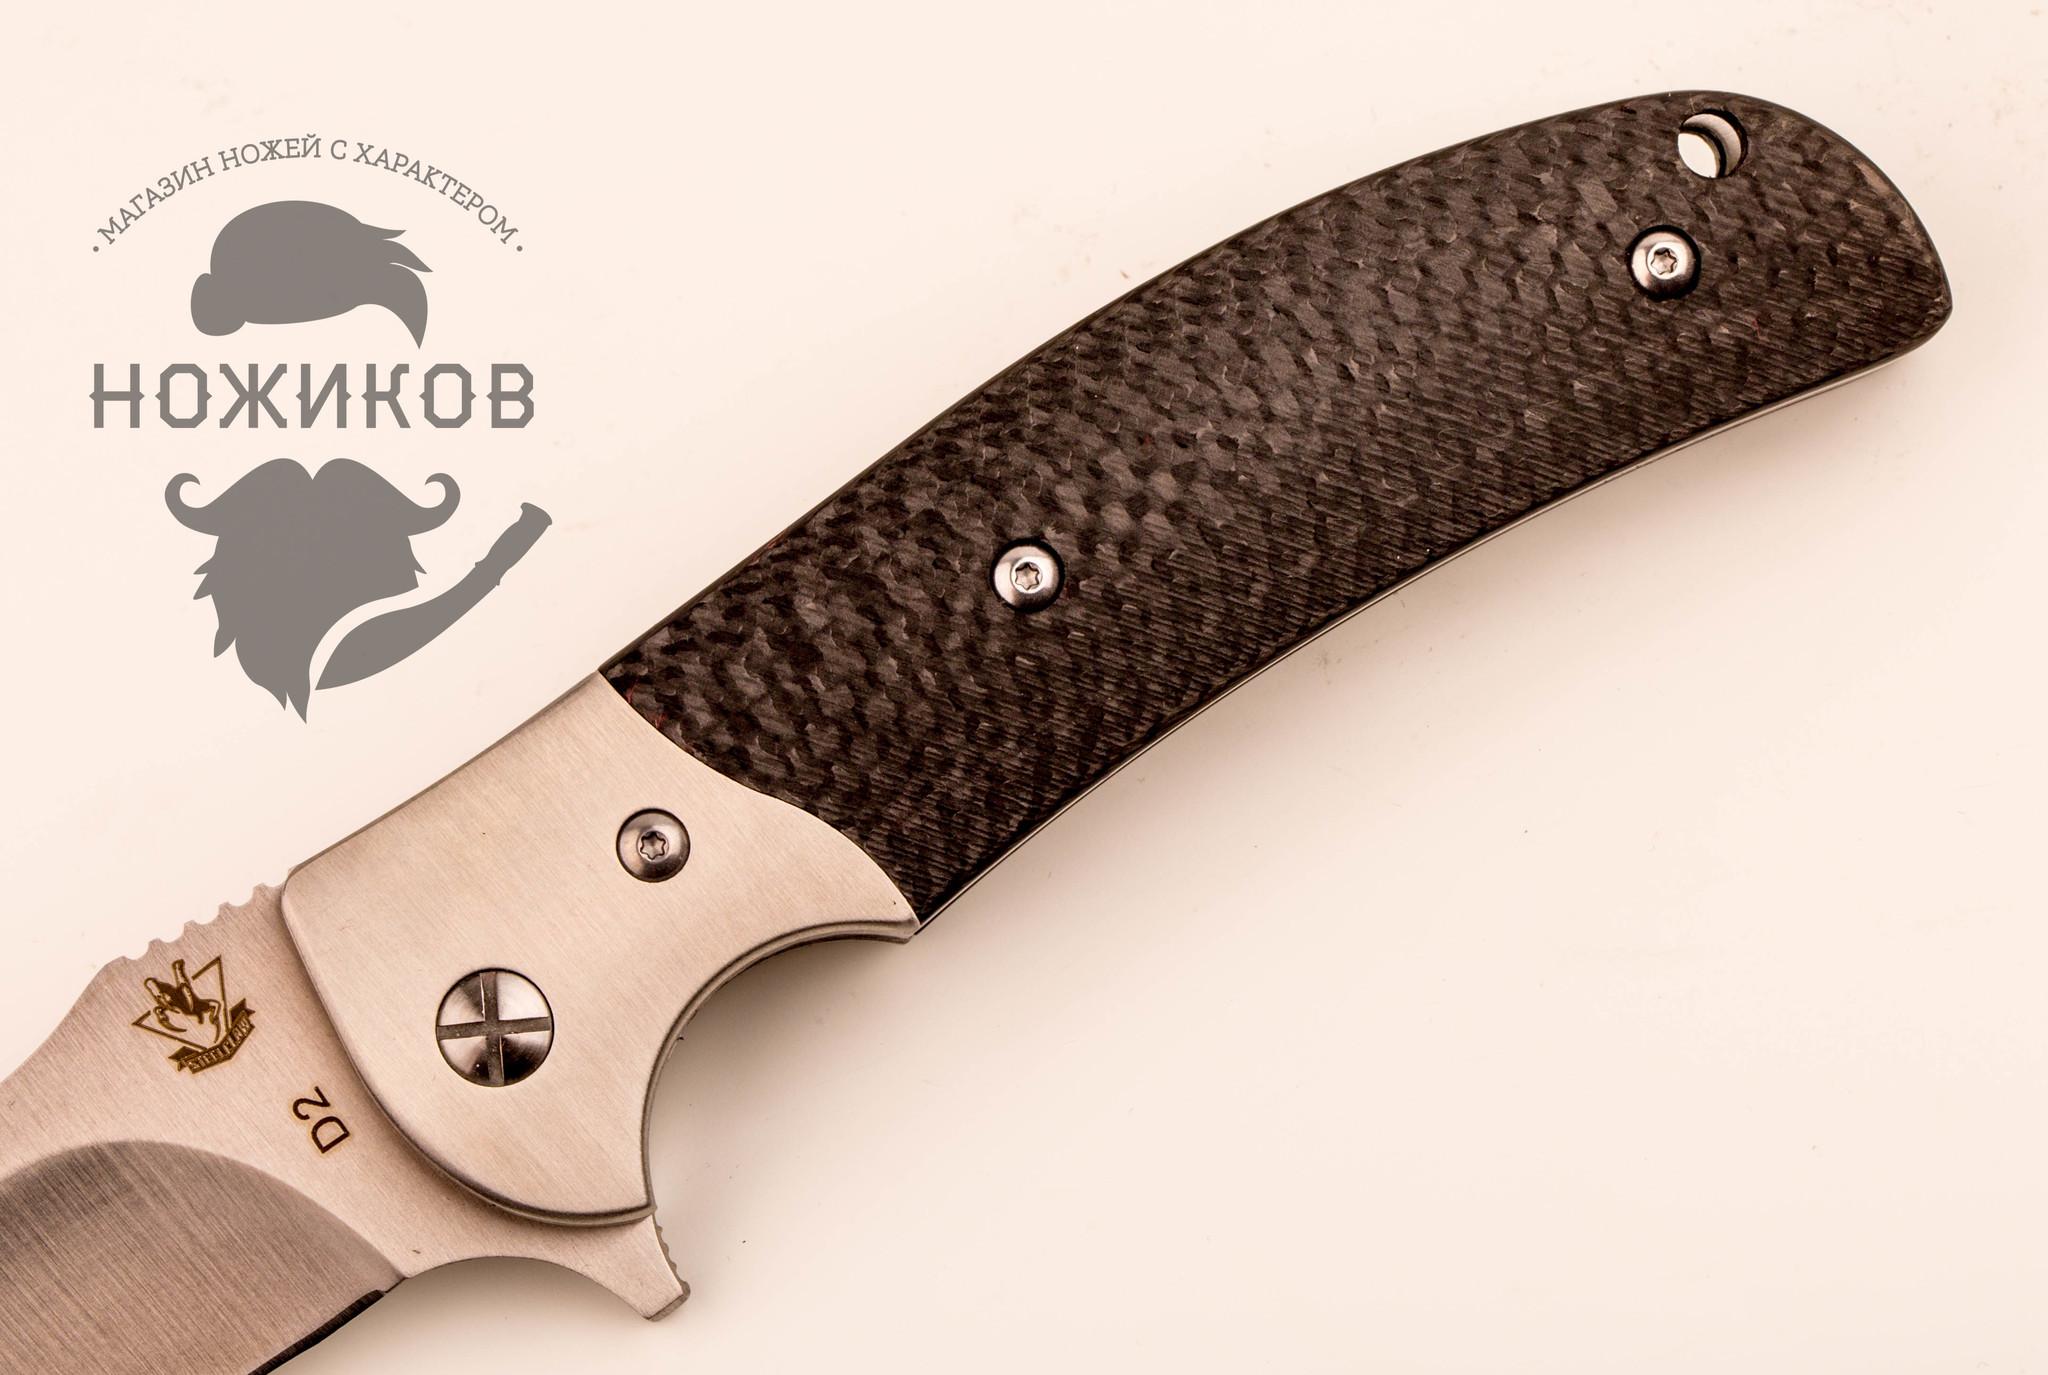 Фото 23 - Складной нож Резервист, карбон от Steelclaw